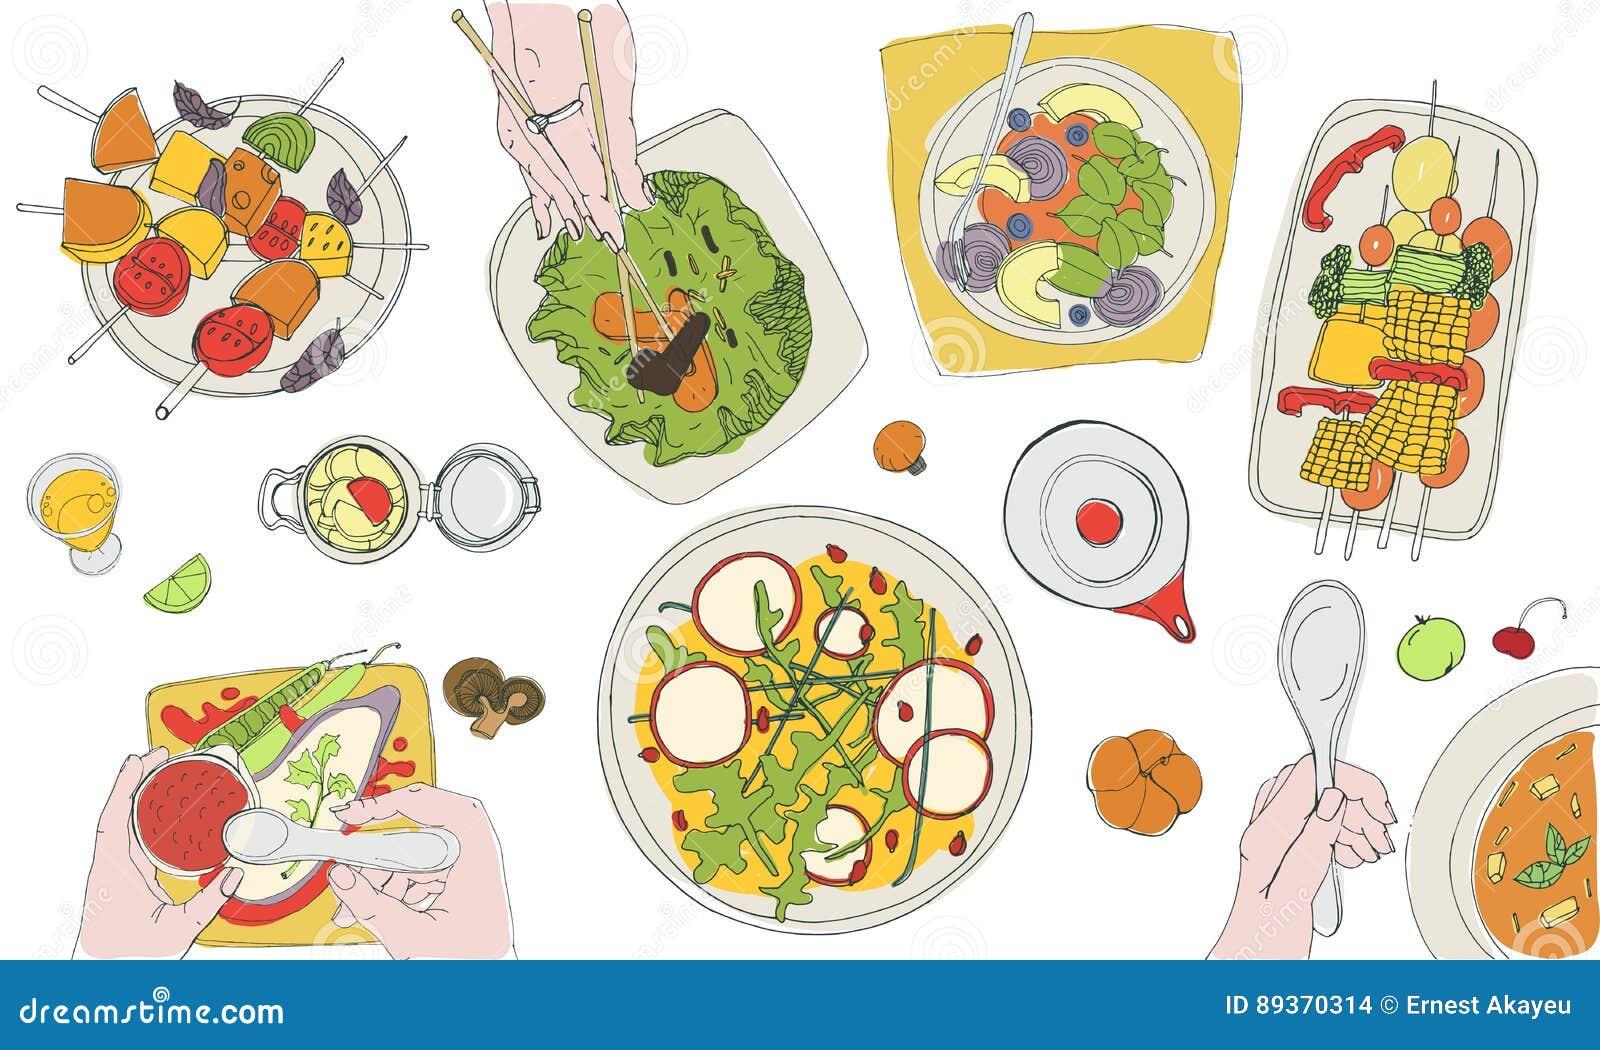 Ο εορταστικός χορτοφάγος tableful, τοποθετημένος πίνακας, διακοπές δίνει τη συρμένη ζωηρόχρωμη απεικόνιση, τοπ άποψη